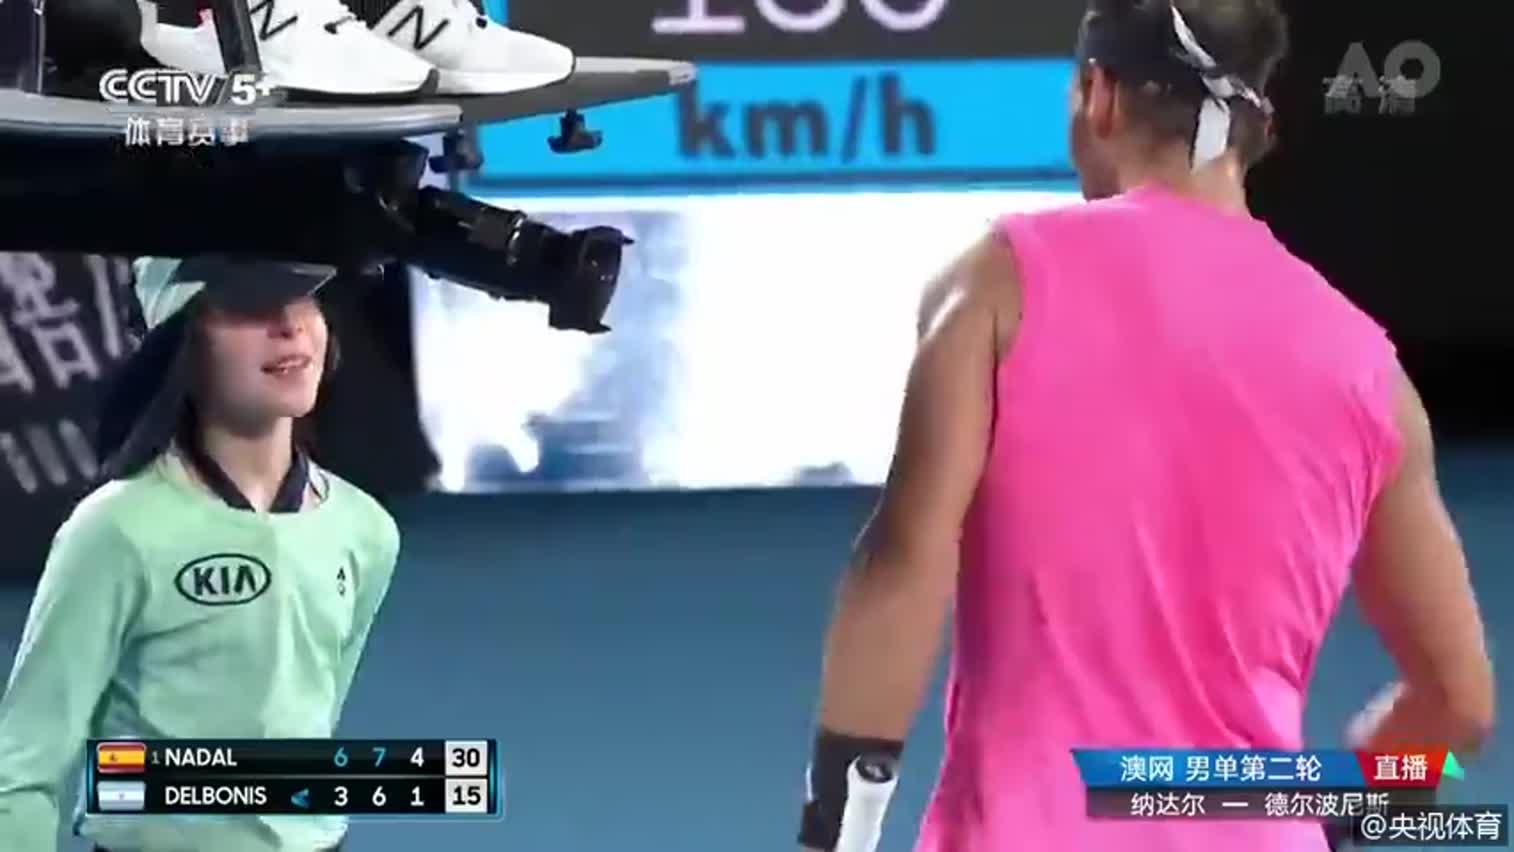 视频-纳达尔回球击中小球童 俯身亲吻表歉意